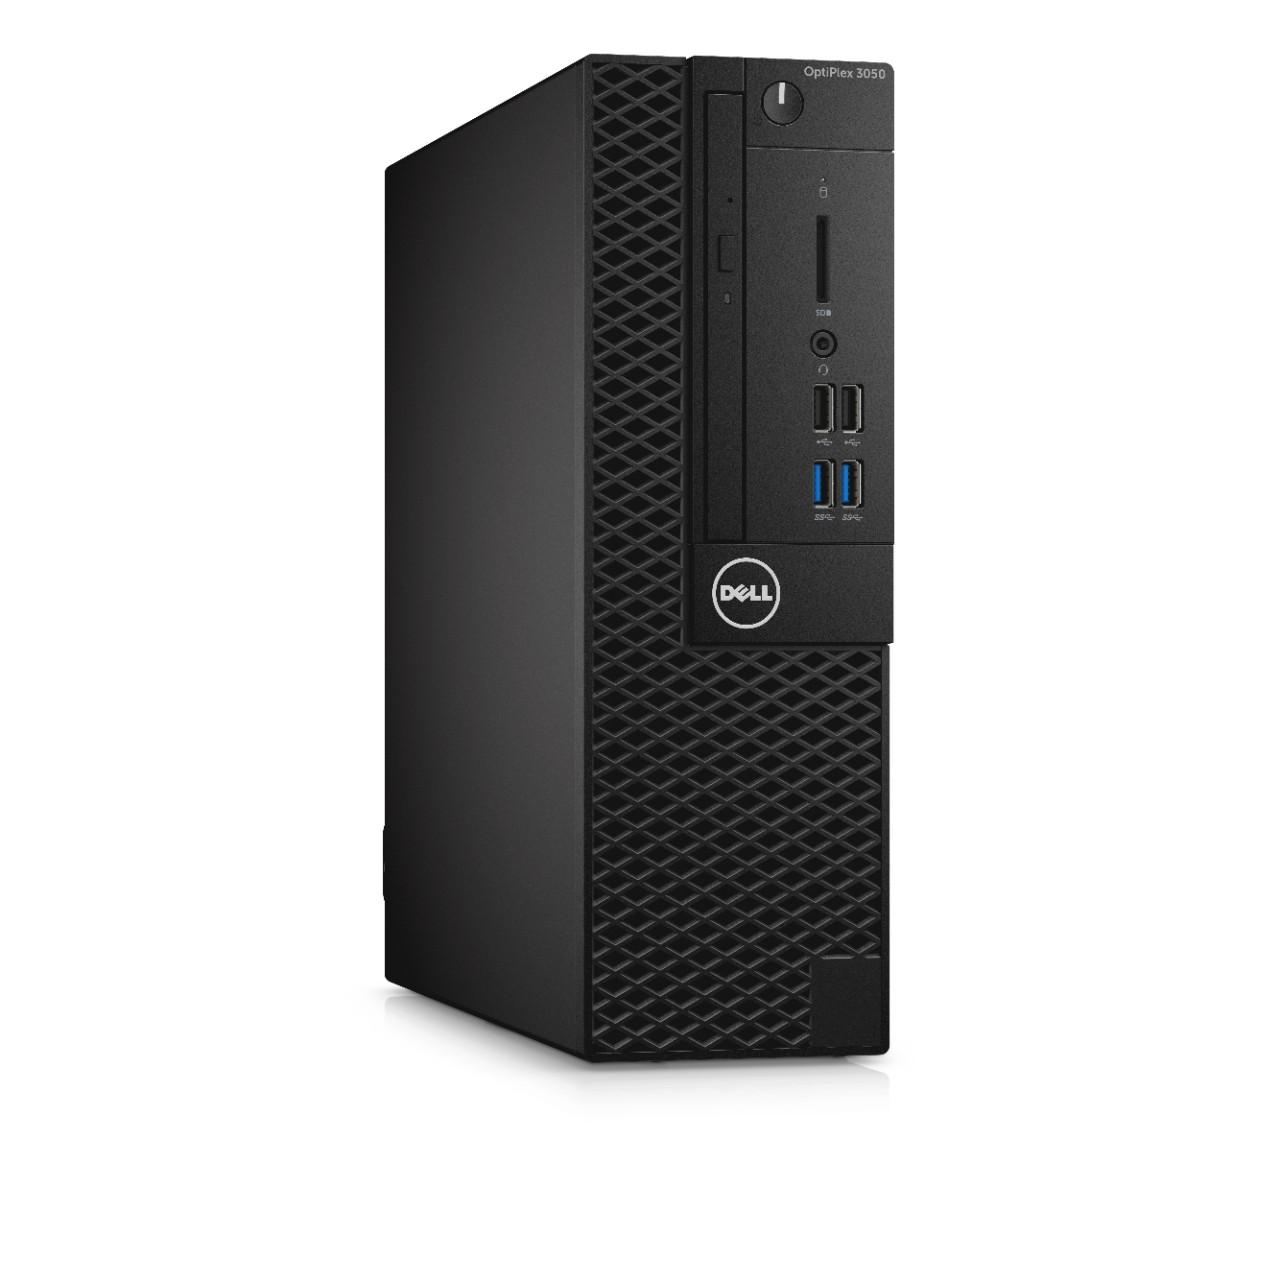 DELL OptiPlex SFF 3050 Core i5-7500/8GB/1TB/Intel HD/Win 10 Pro 64bit/3Yr NBD